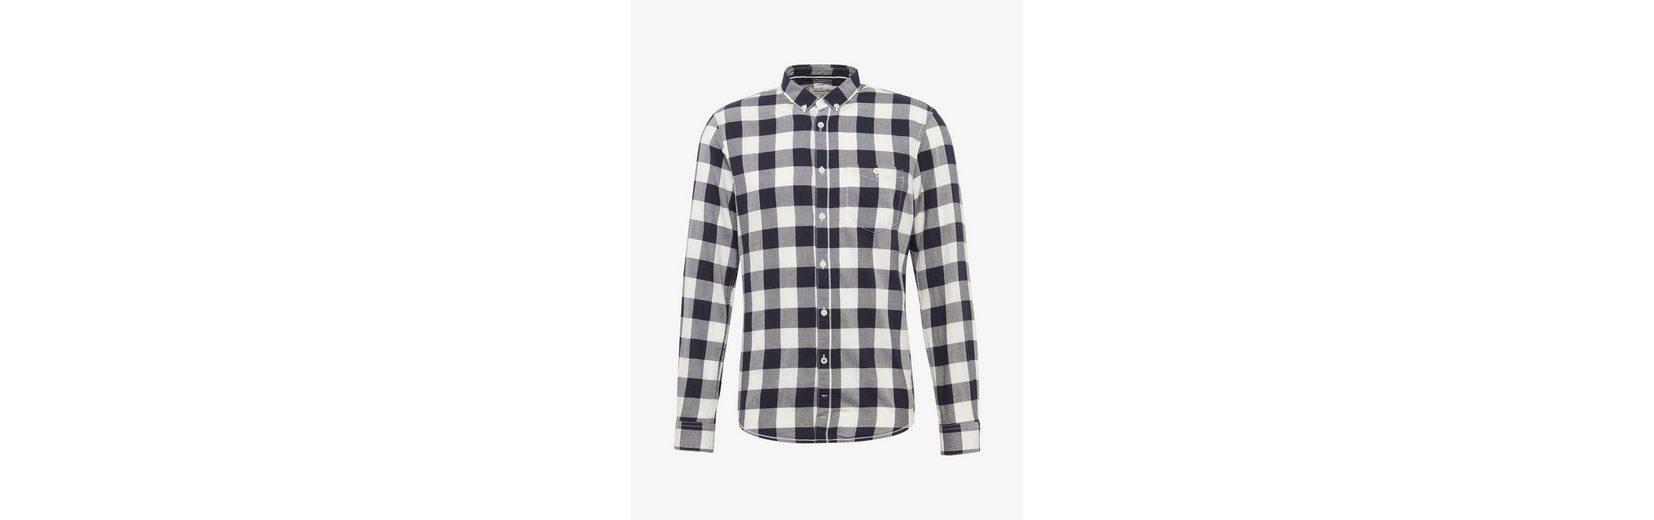 Tom Tailor Denim Hemd kariertes Hemd Hohe Qualität Günstig Online Beste Günstig Online Verkauf Wählen Eine Beste Billig Verkauf Kauf yKGPu